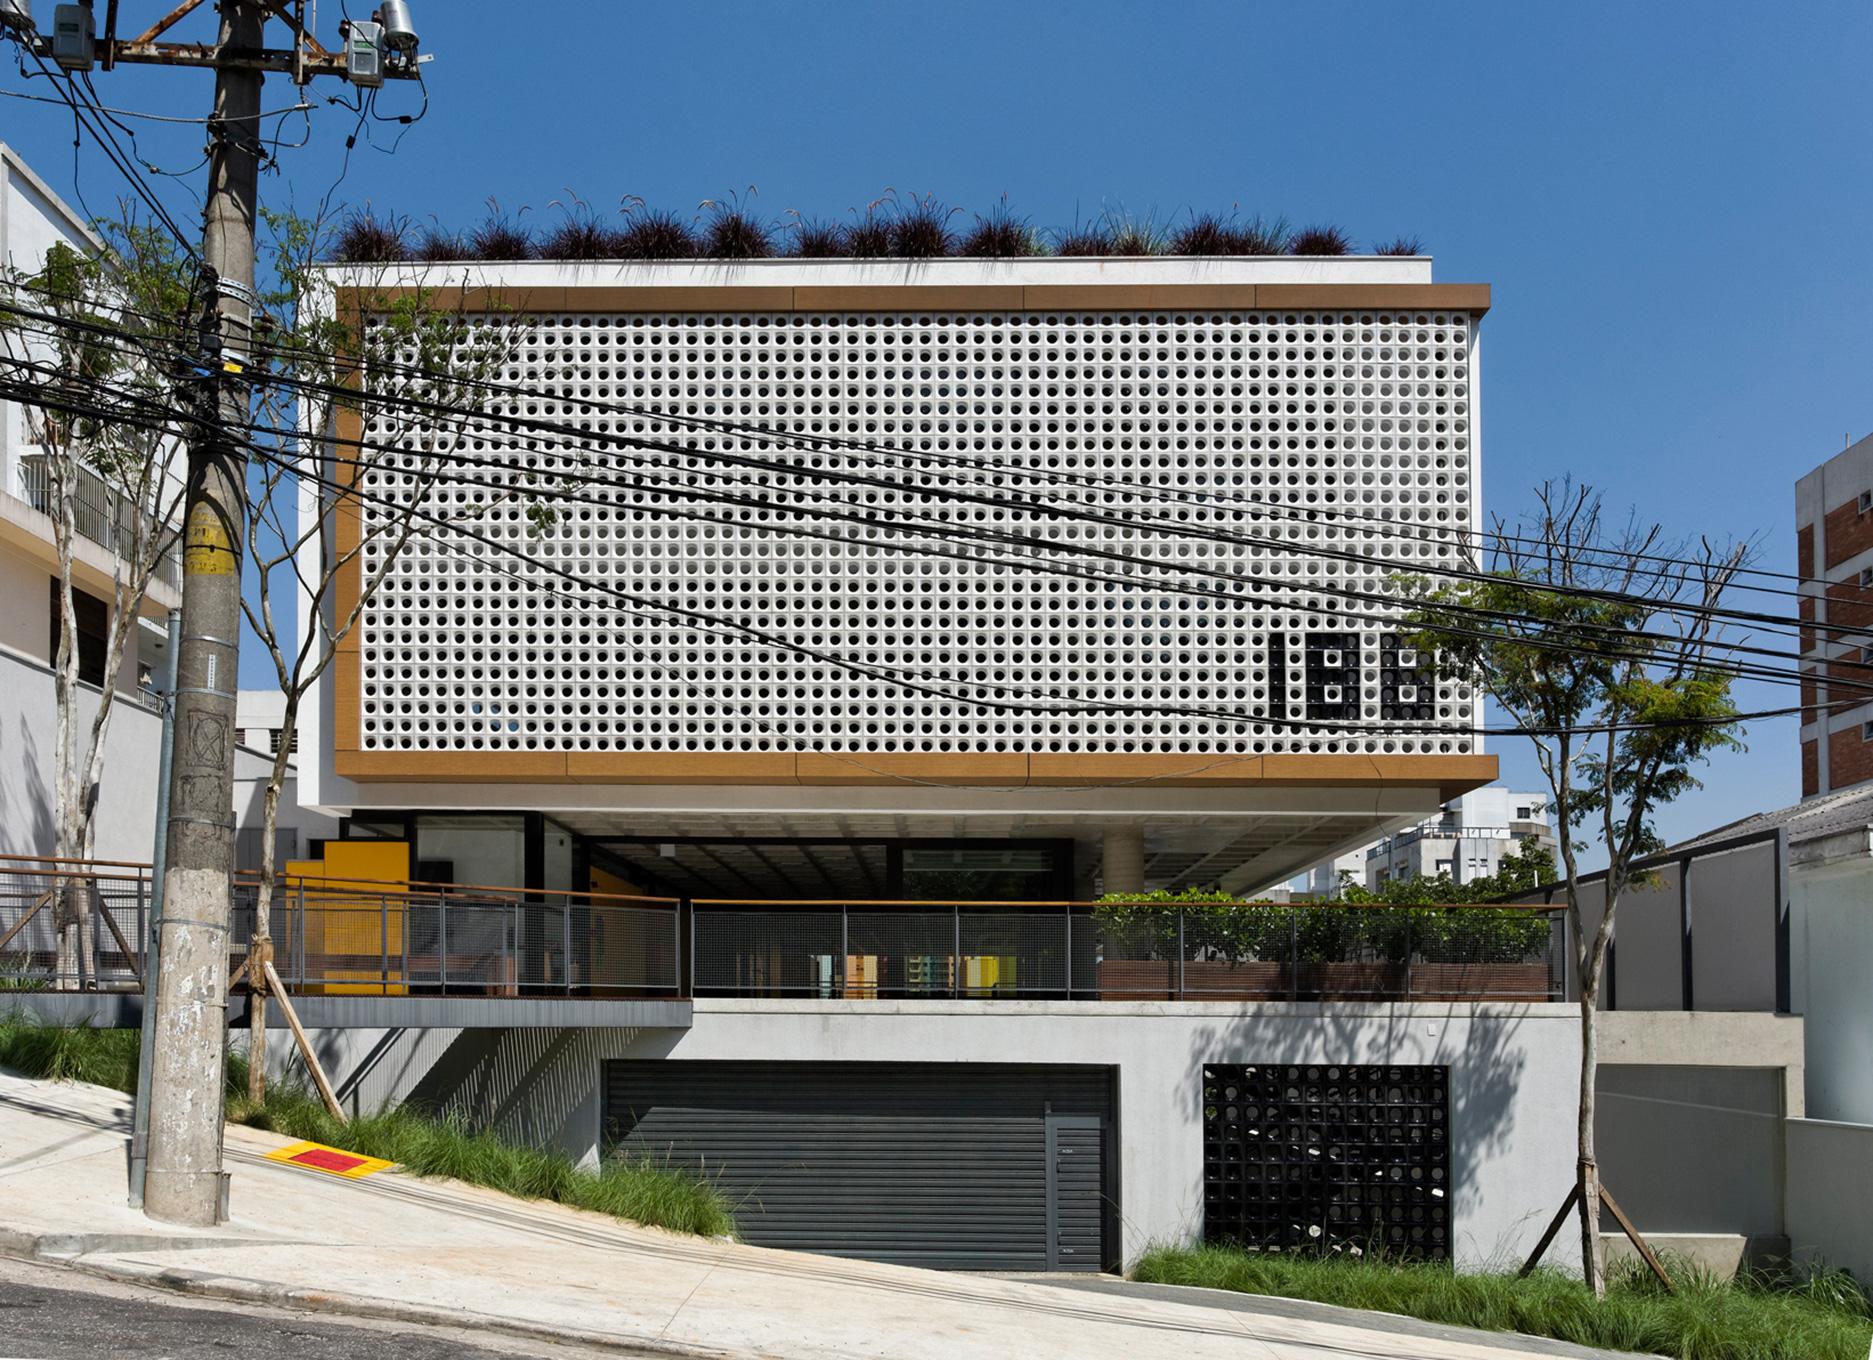 gui-mattos-2012-edificio-bruxelas-09.jpg